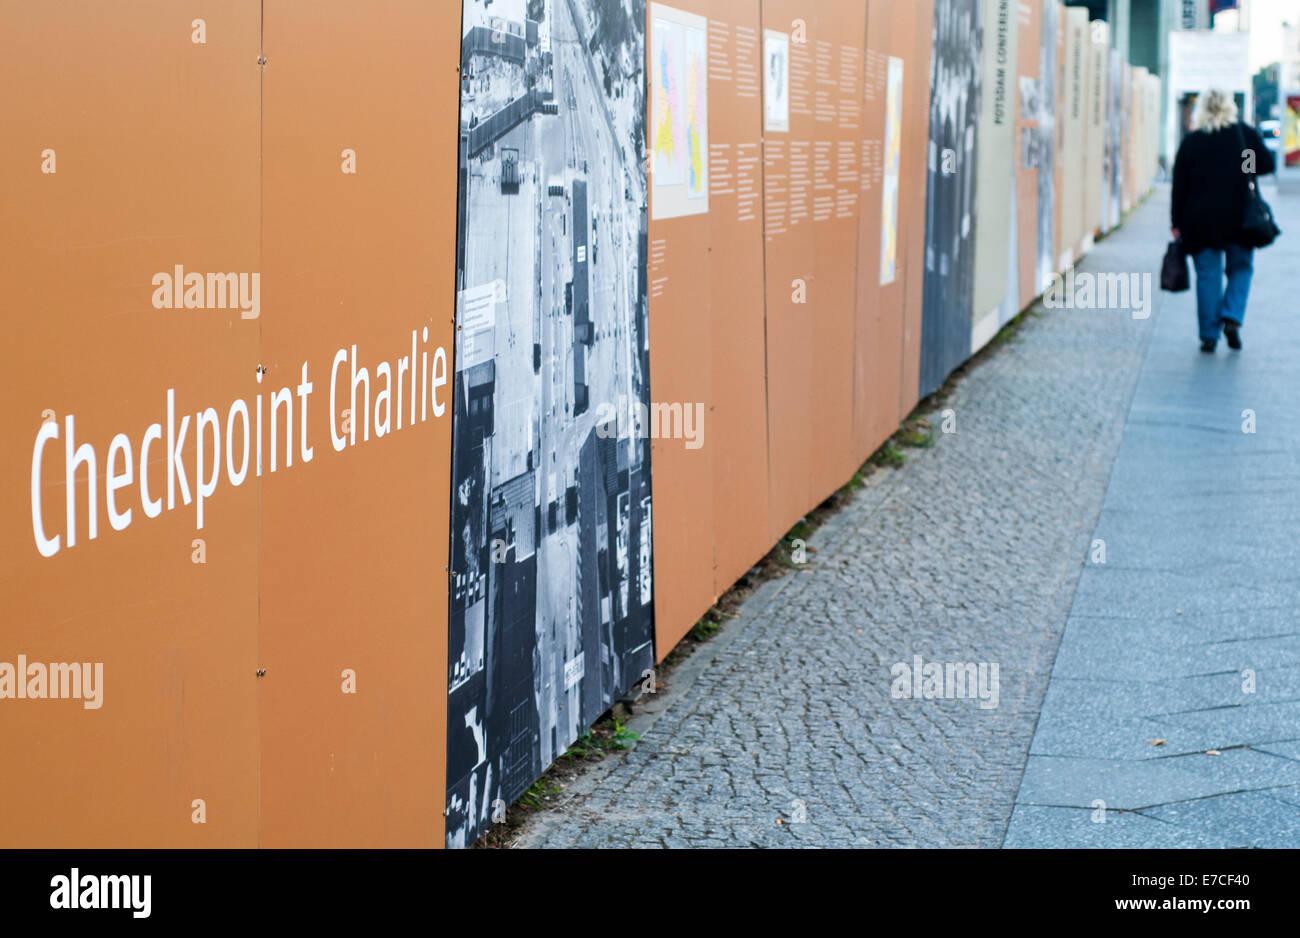 Mujer caminando por una exposición al aire libre, cerca de Checkpoint Charlie, en Berlín, Alemania Imagen De Stock